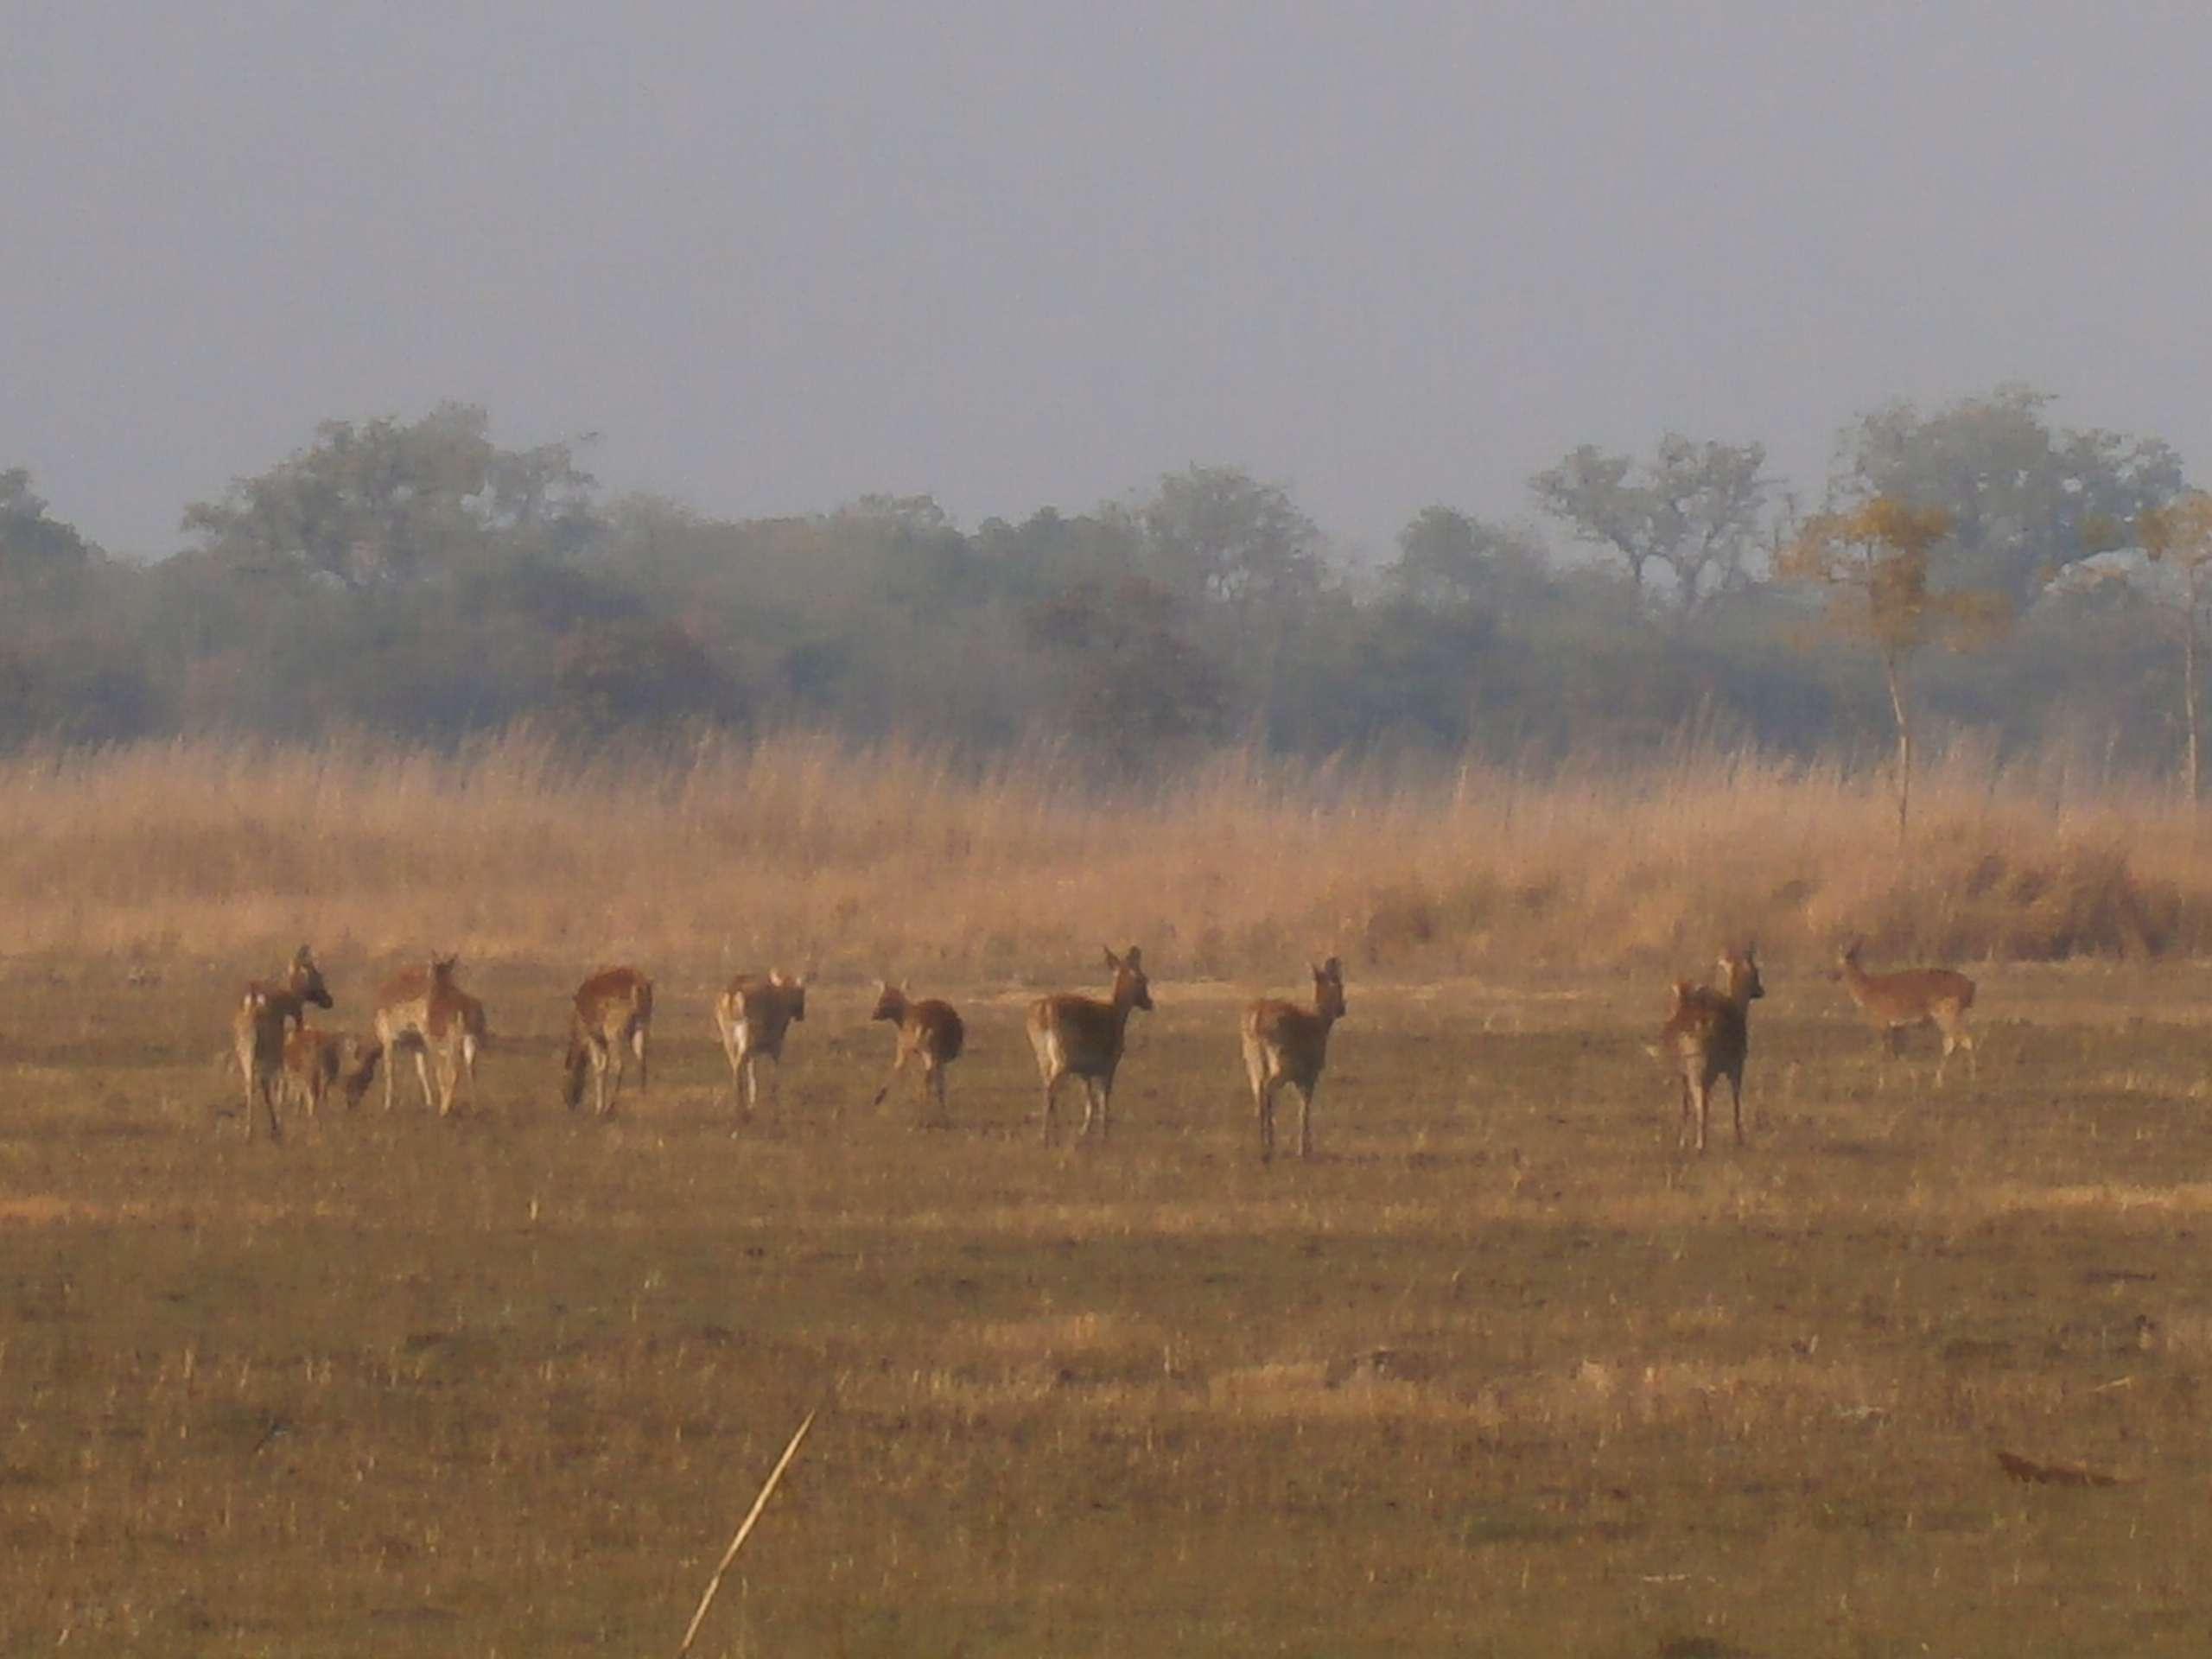 Deer seen on the grasslands of Suklaphanta national park